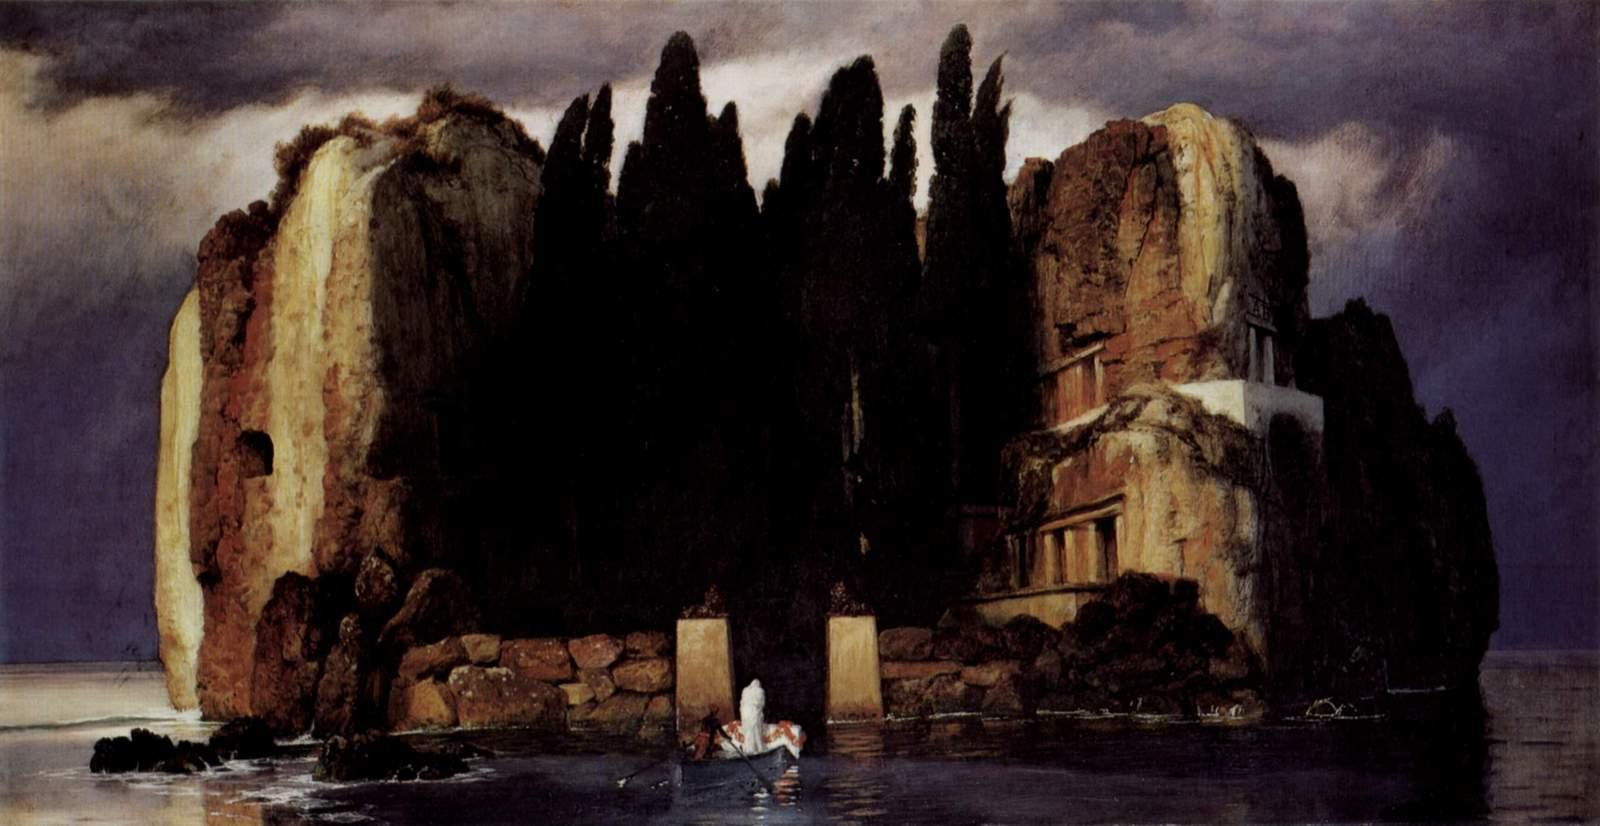 アルノルト・ベックリンの画像 p1_26